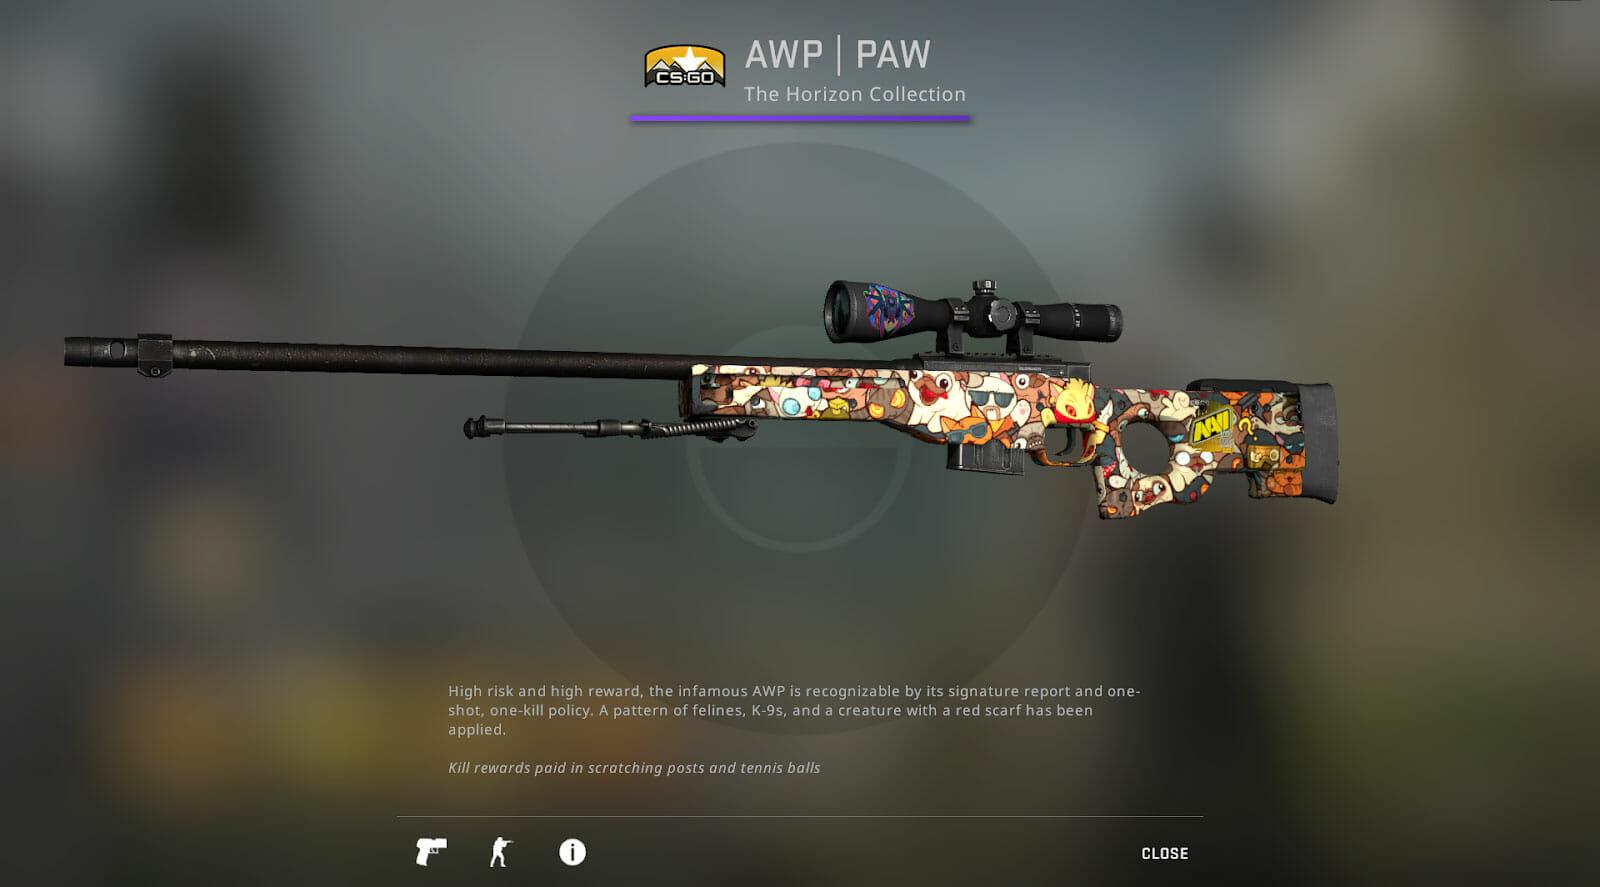 AWP PAW